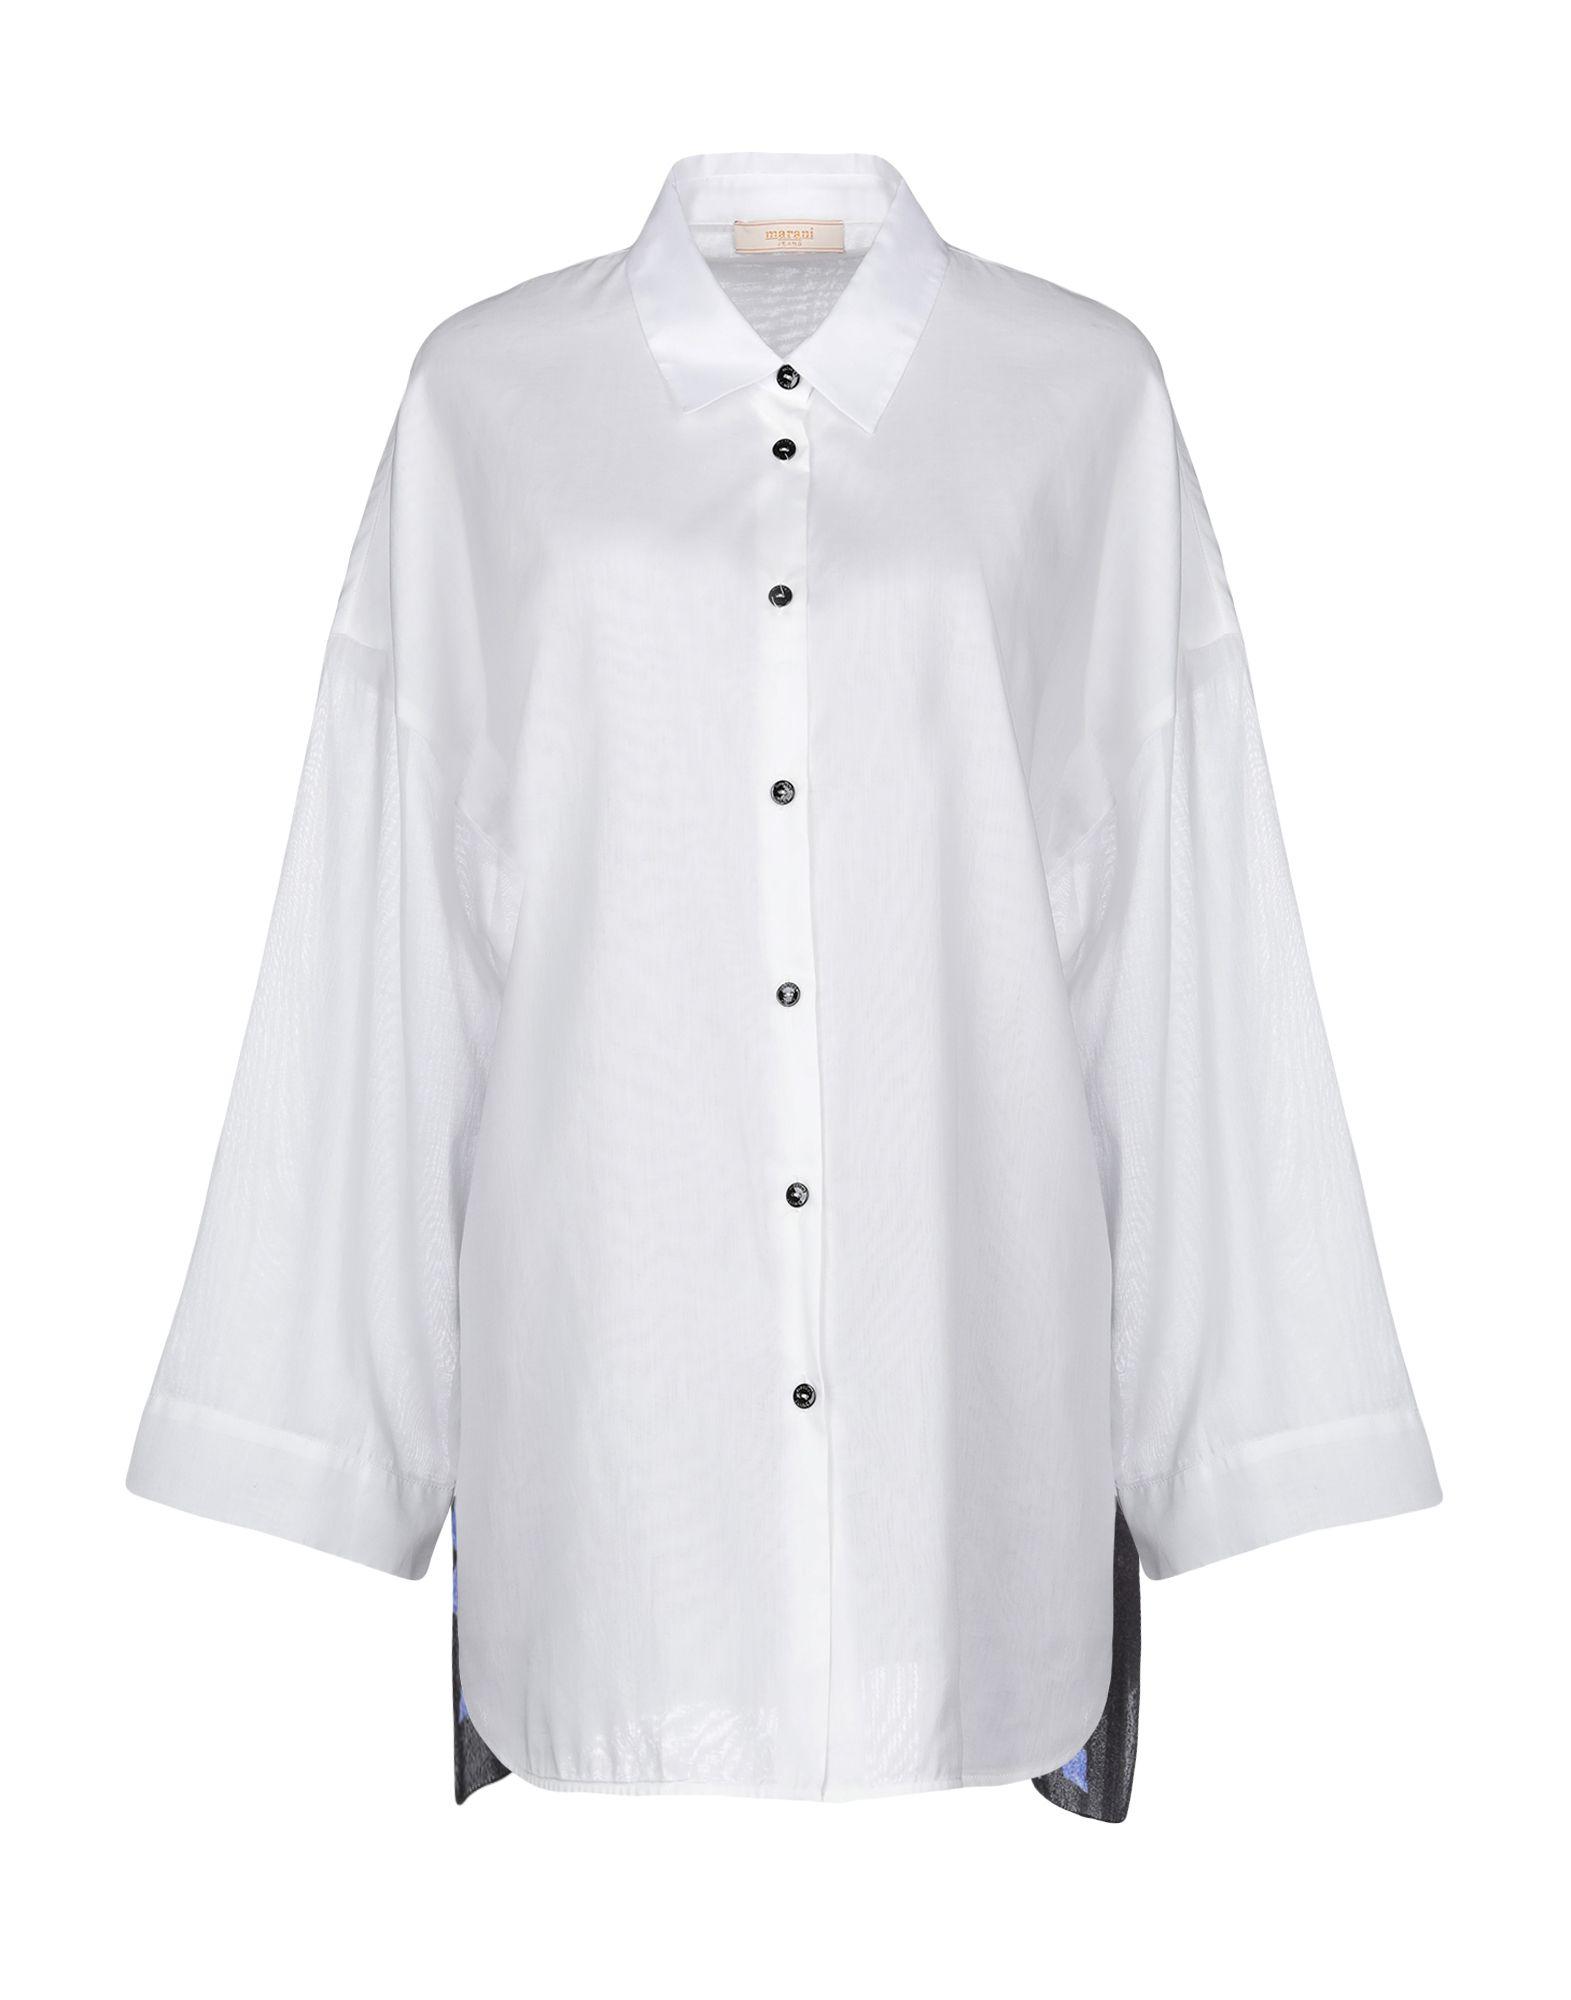 《送料無料》MARANI JEANS レディース シャツ ホワイト L シルク 100%